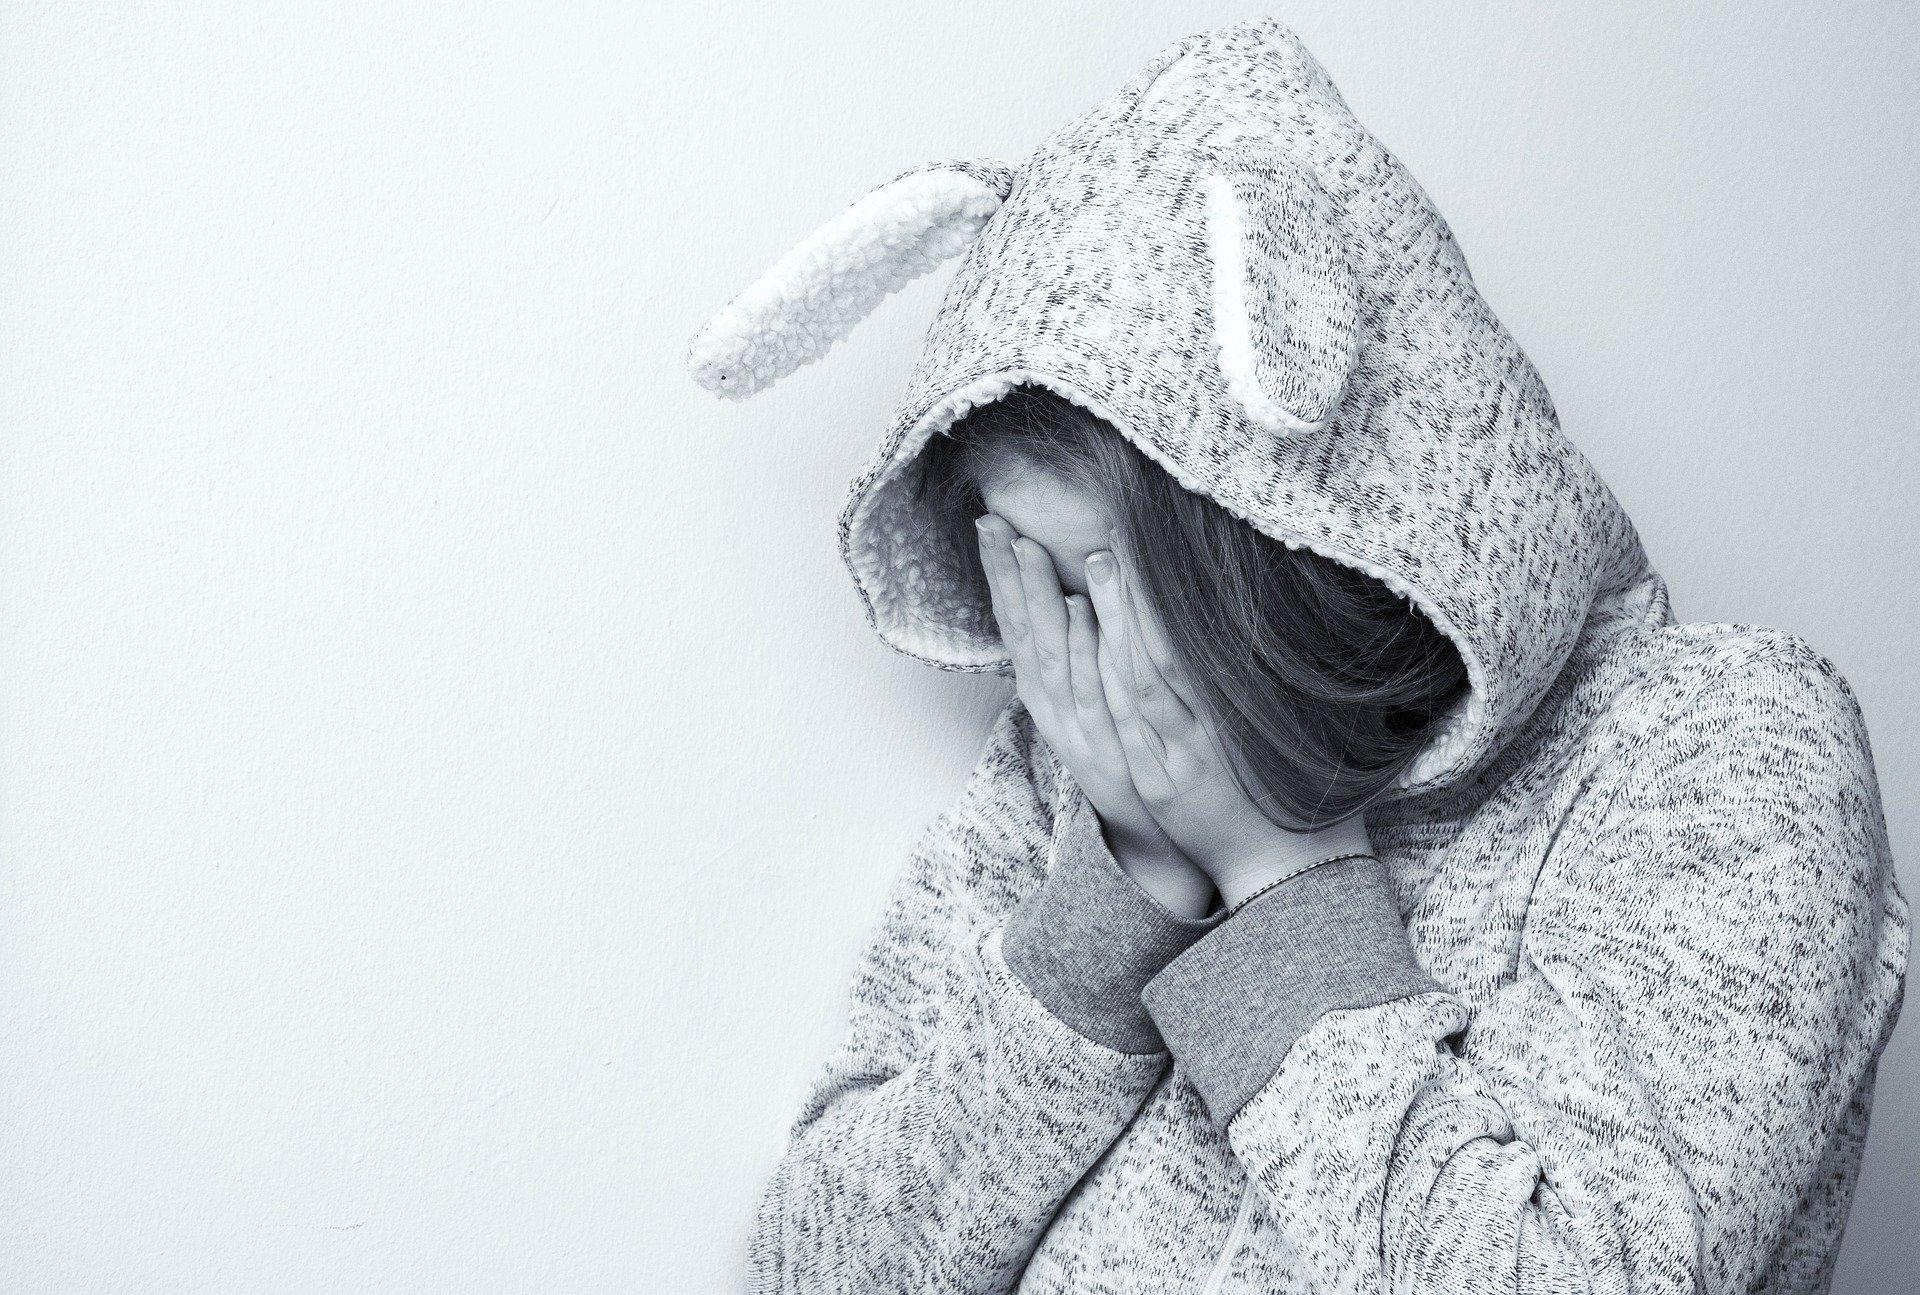 Autolesionismo e suicidio, boom tra giovanissimi: dati shock da Oms e Istat